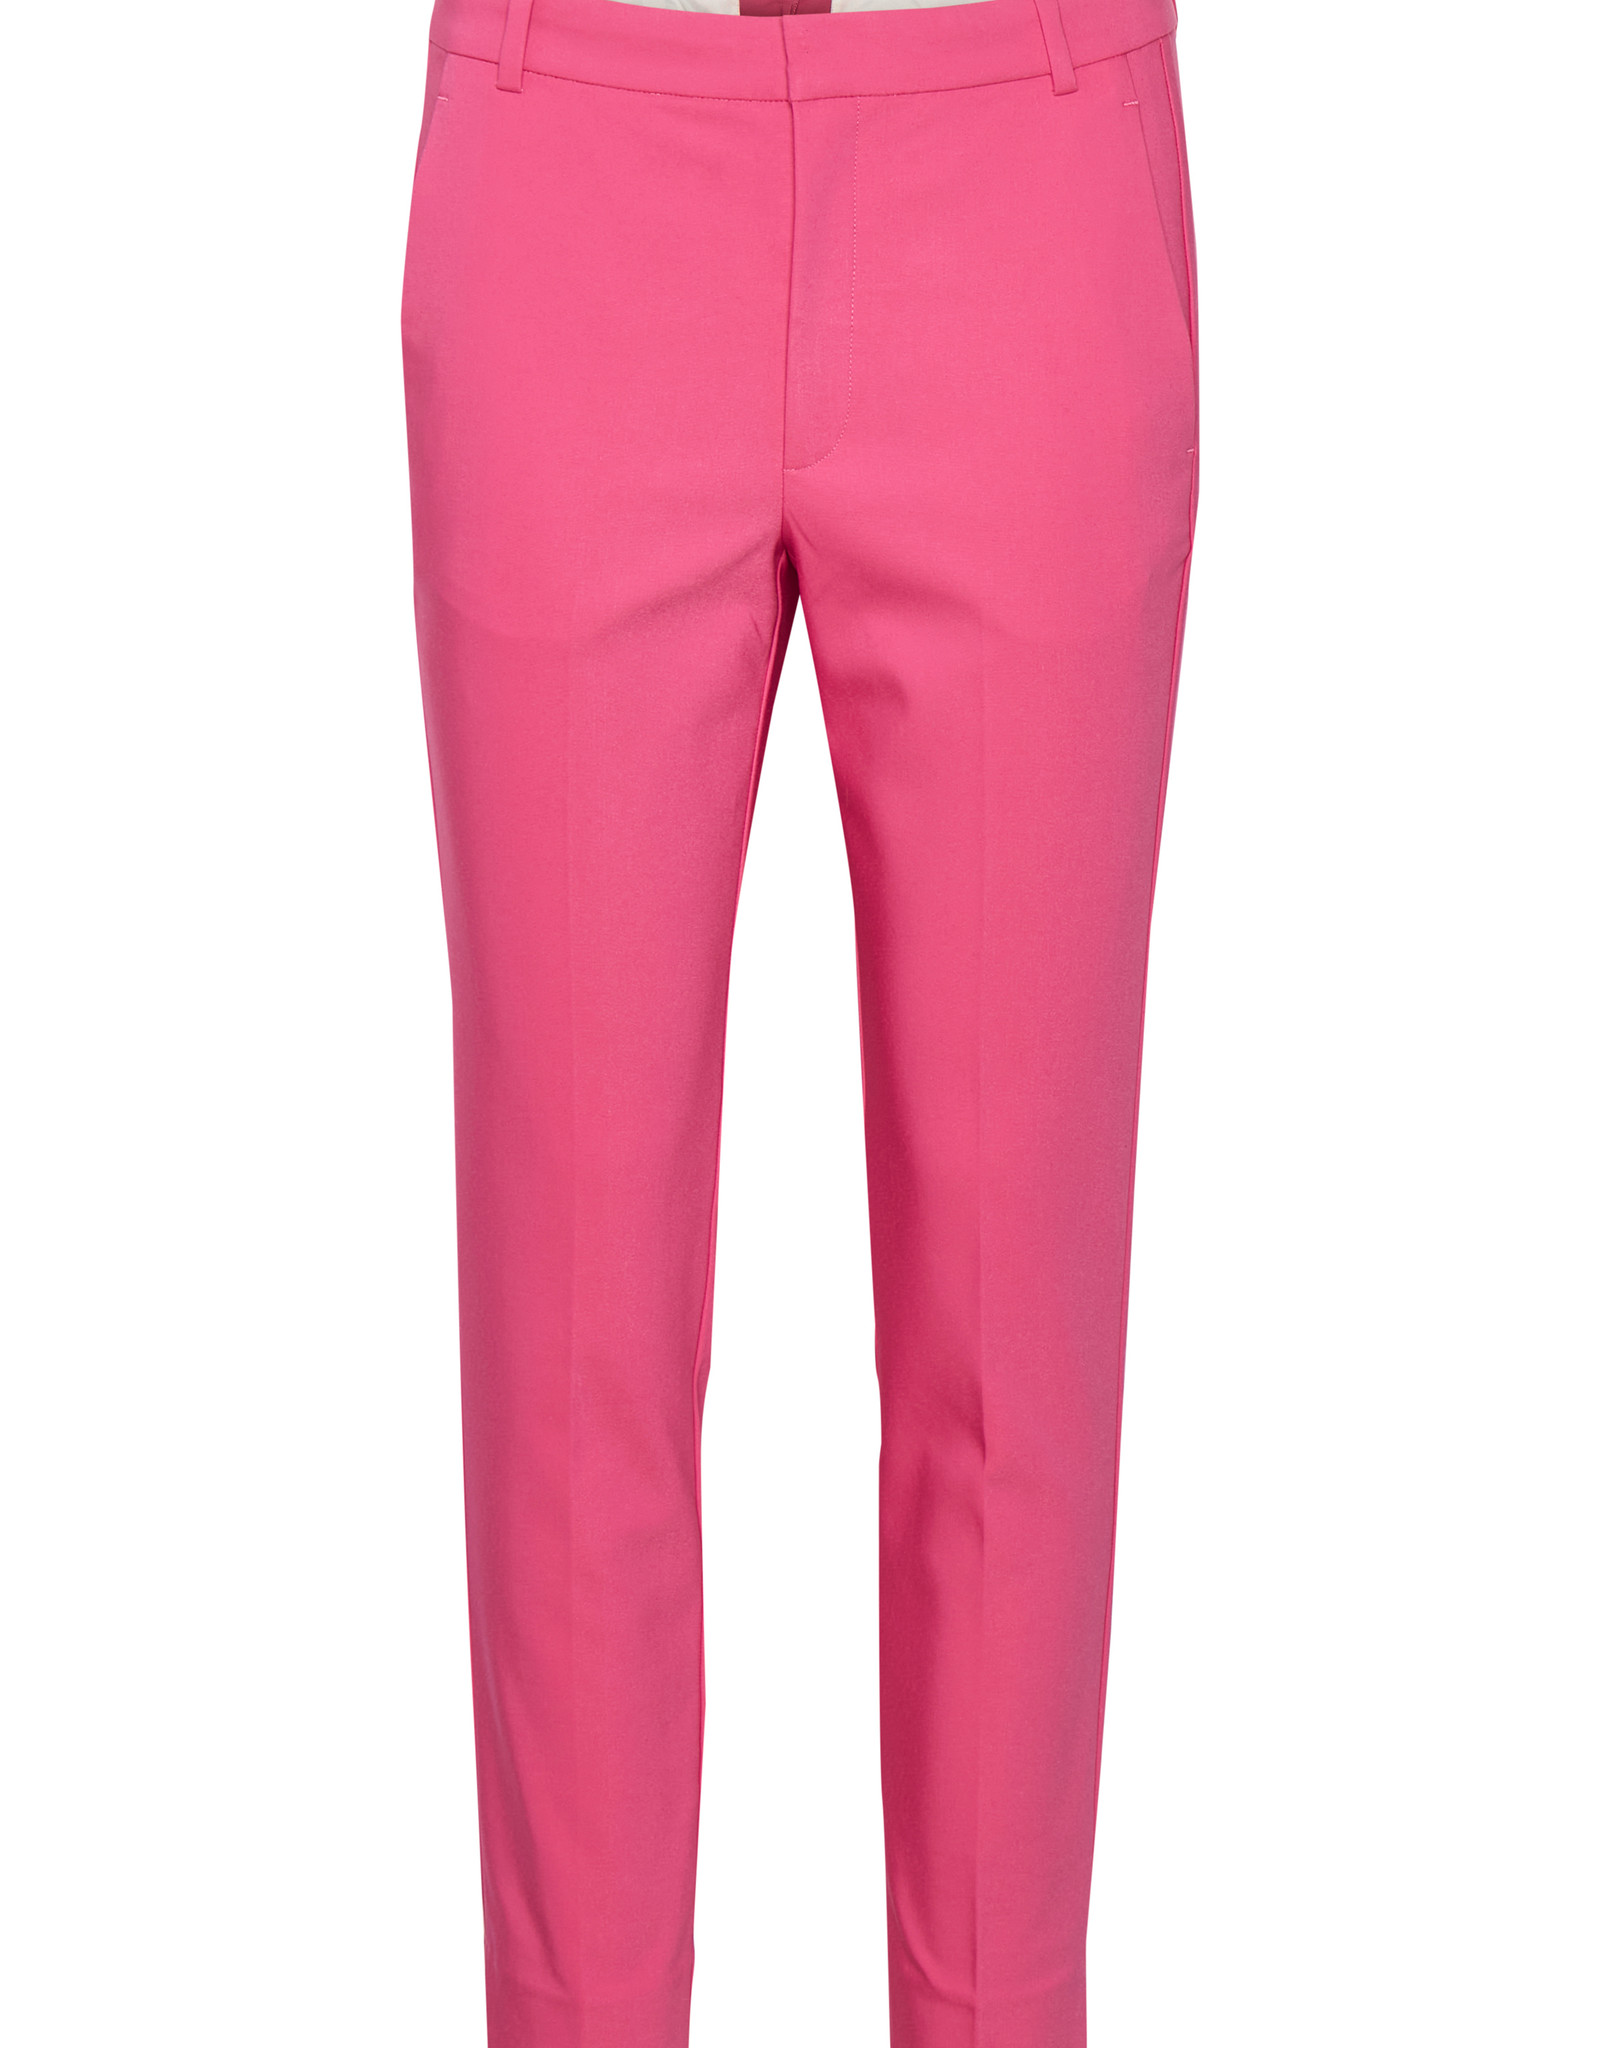 InWear Zella Pant Rashberry Pink